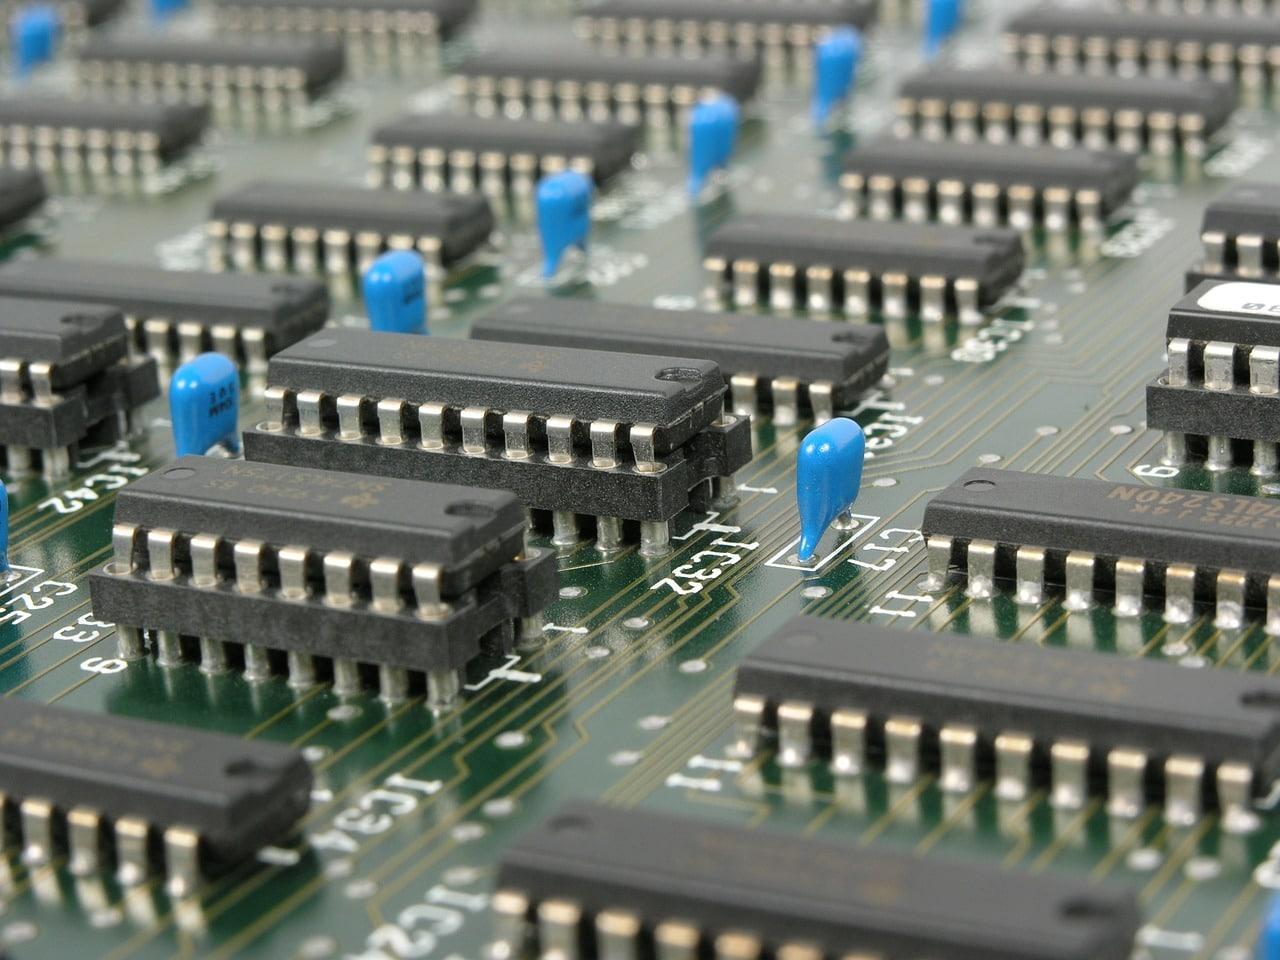 Eine bestückte Platine, wie IT-Systemelektroniker sie kennen.